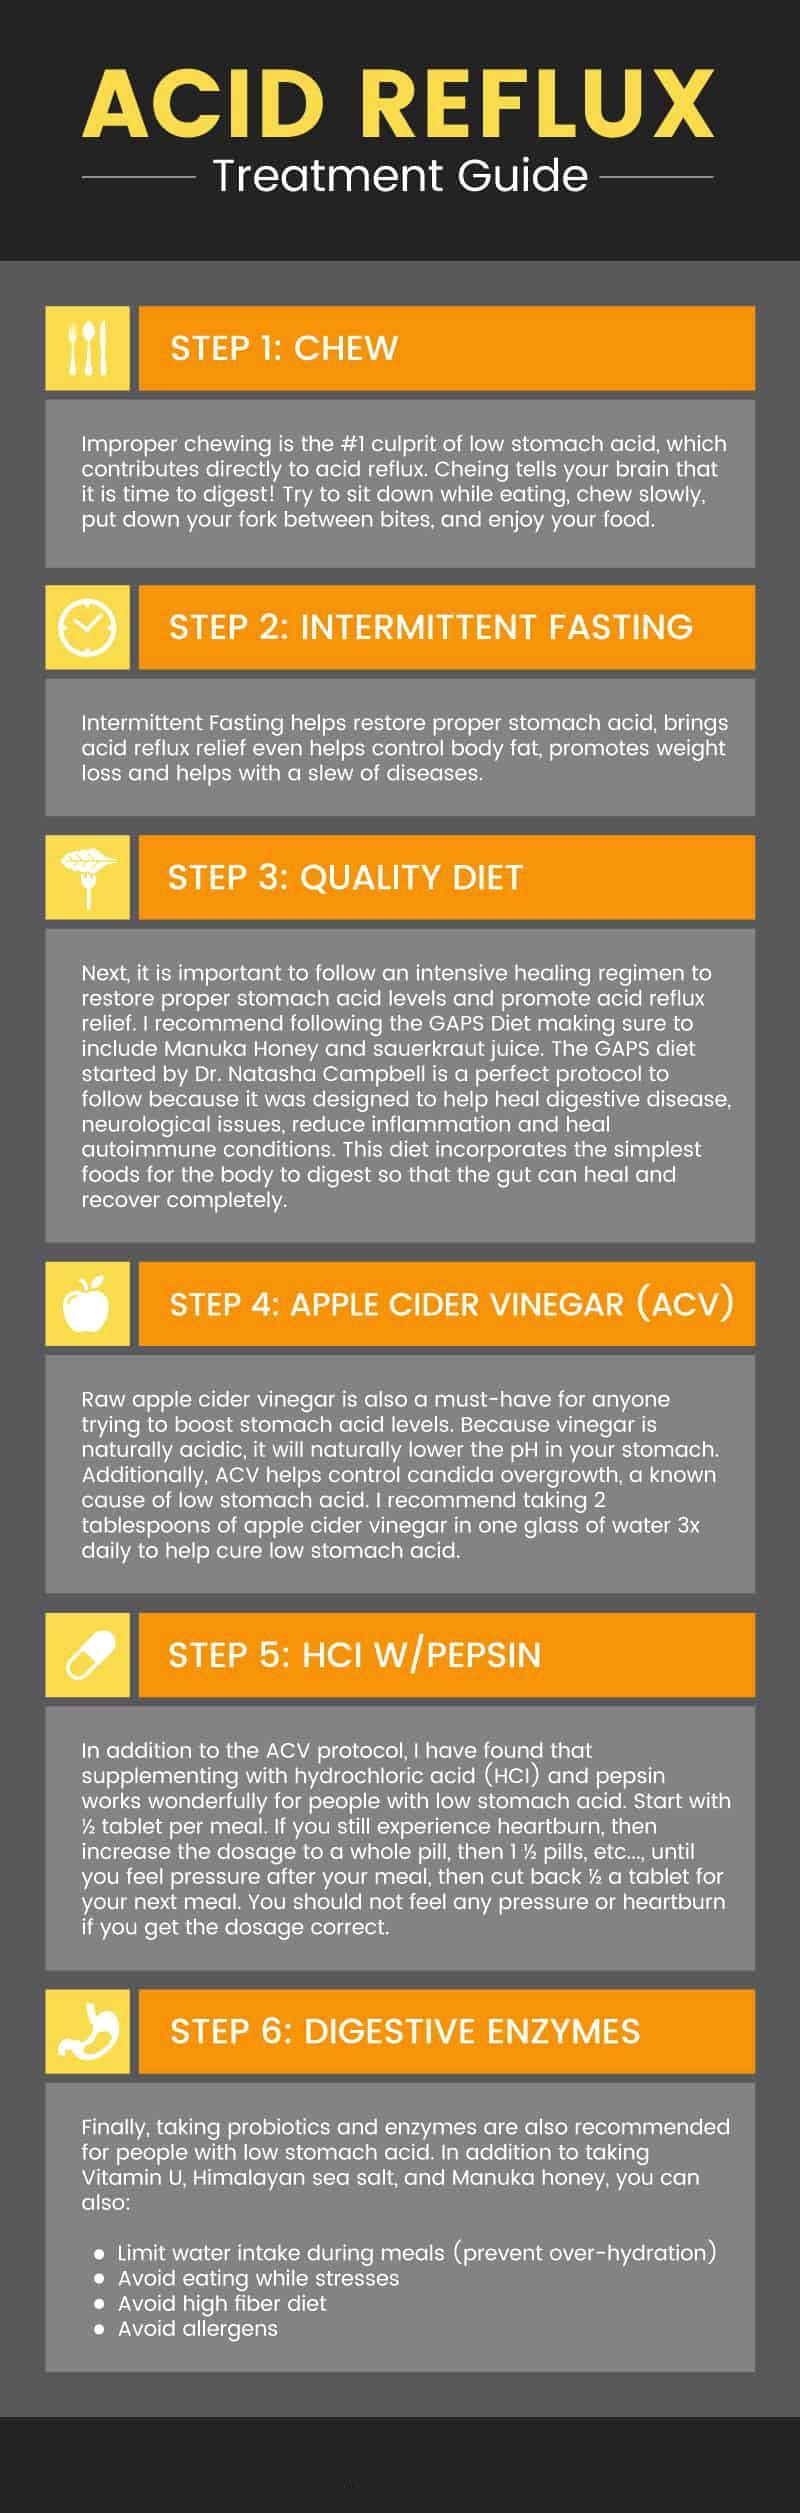 Acid reflux symptoms: treatment guide